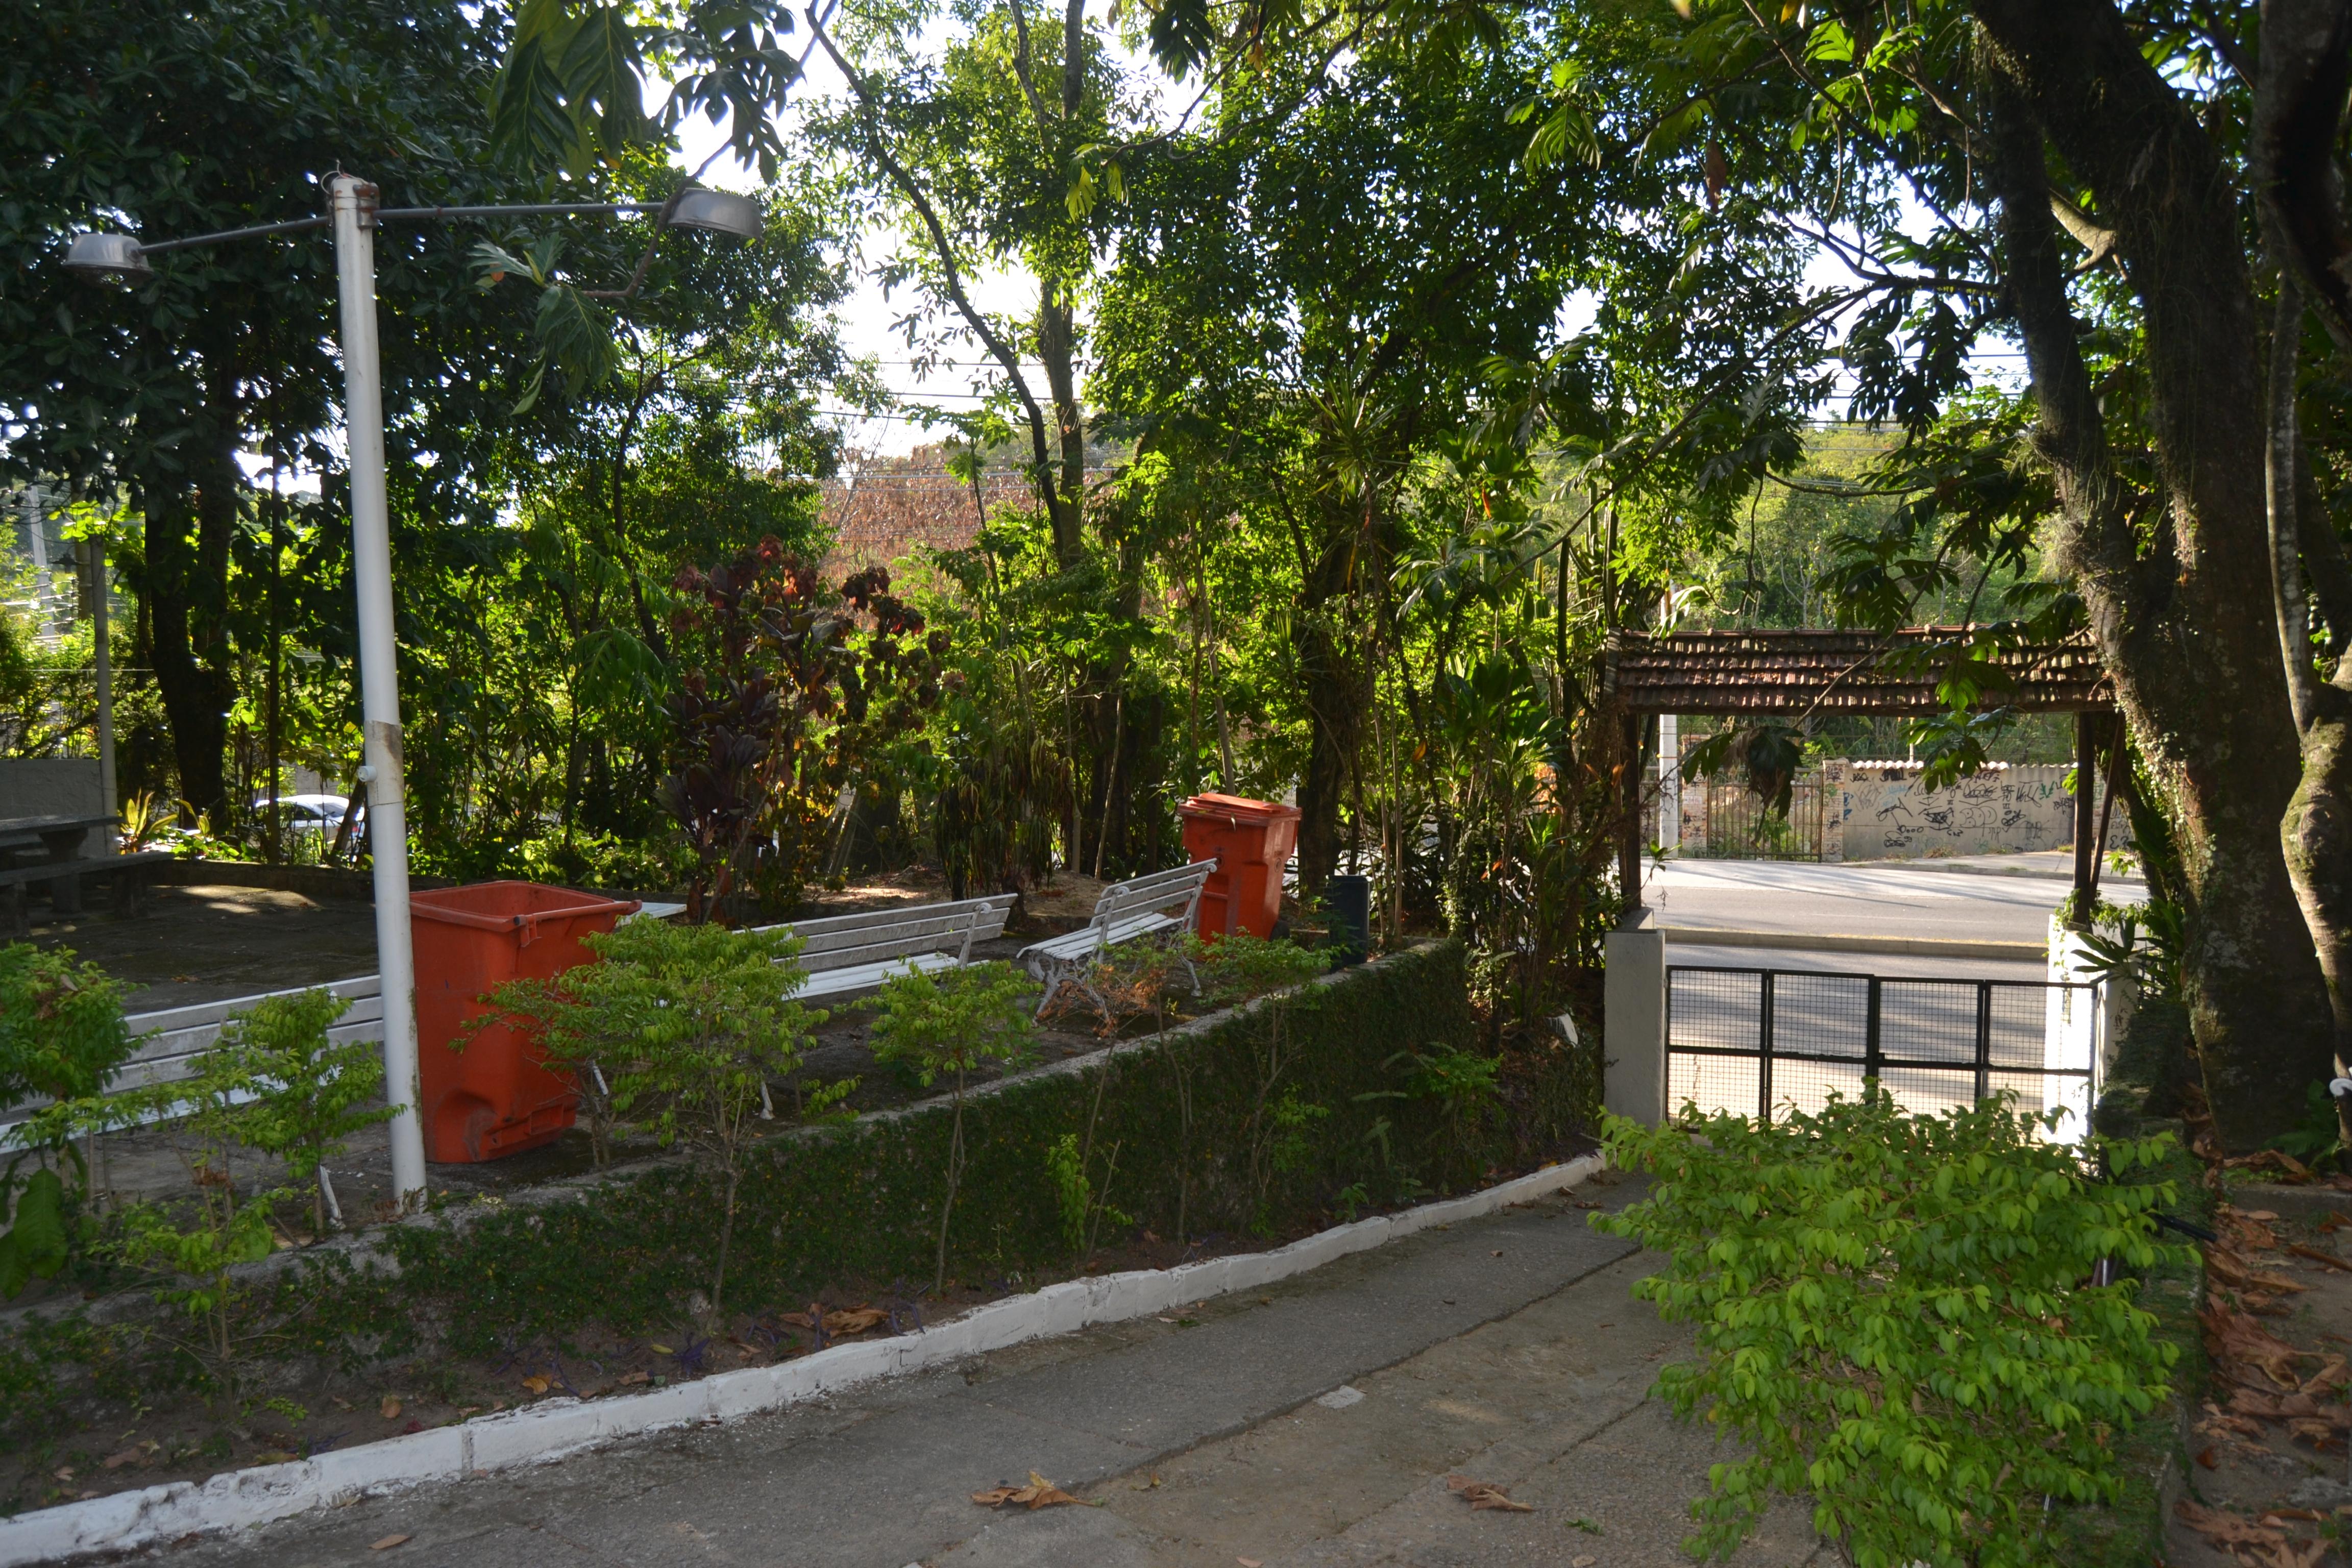 entrada do sitio 2